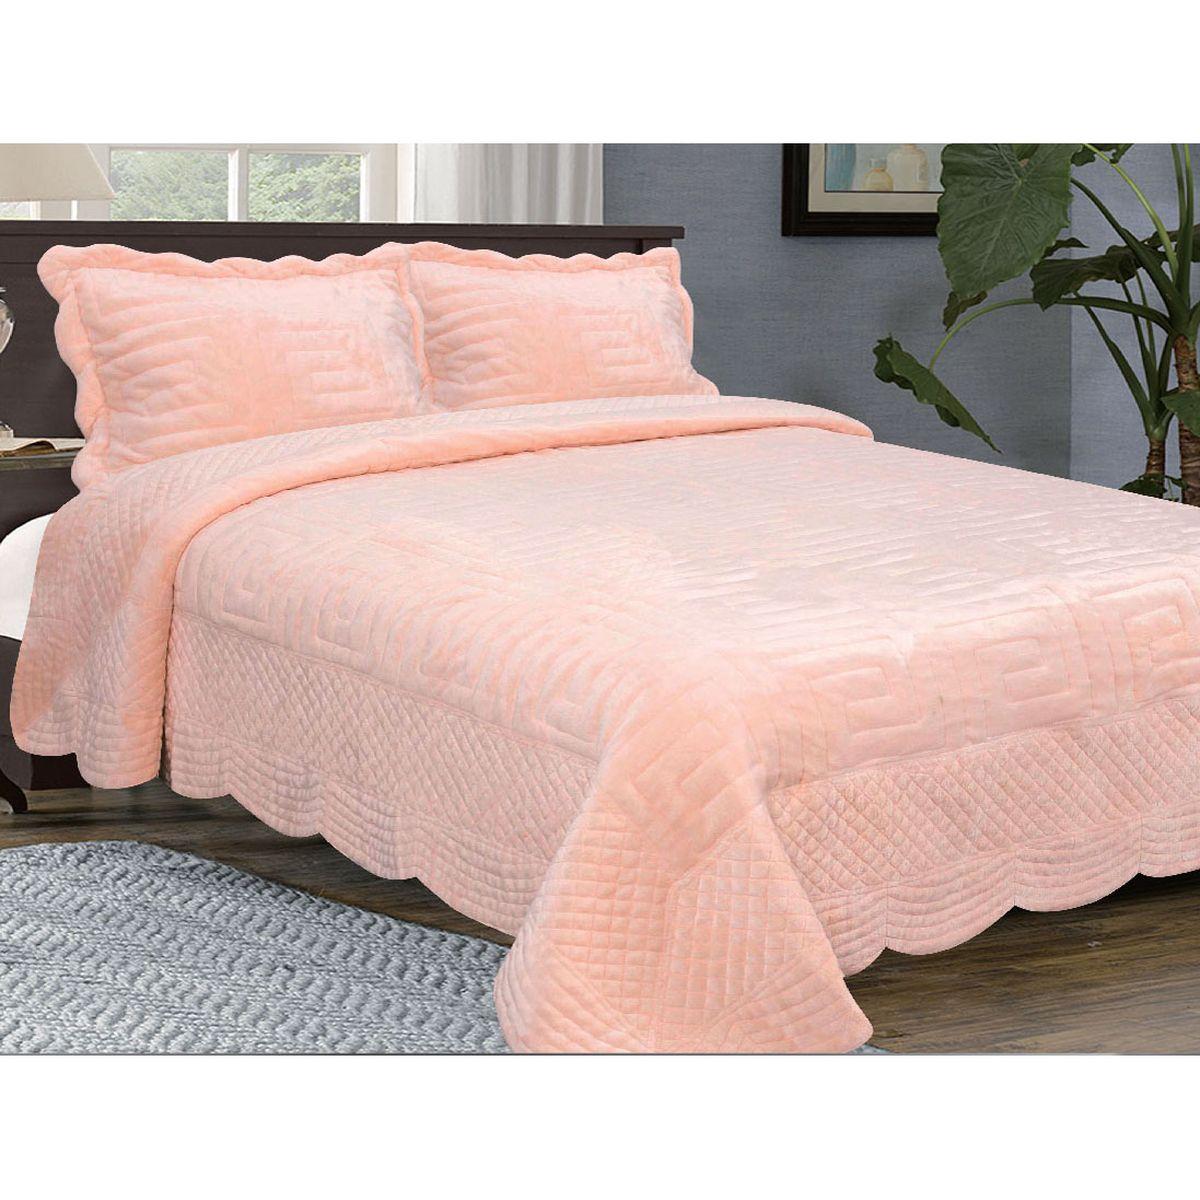 Комплект для спальни Buenas Noches Afini: покрывало 230 х 250 см, 2 наволочки 50 х 70 см, цвет: персиковый531-401Комплект для спальни Buenas Noches Afini состоит из покрывала и 2 наволочек. Изделия выполнены из 100% полиэстера и оформлены стеганым рисунком. Верхняя часть выполнена из искусственного меха, невероятно мягкого и приятного на ощупь. Подкладка изготовлена из полиэстерового сатина, мягкая, по ощущениям напоминает замшу. Внутри - наполнитель из полиэстерового синтепона. Покрывало из искусственного меха непременно станет ярким акцентом в интерьере. С его помощью можно красиво и уютно оформить кровать, диван или кресло. Покрывала из искусственного меха разнообразны по фактуре и цветовой гамме, они имитируют мех различных животных. Покрывала смотрятся богато и изысканно, способны создать атмосферу спокойствия и уюта, как в загородном доме, так и в городской квартире. За покрывалом из искусственного меха проще ухаживать, чем за натуральным. Покрывала Buenos Noches - идеальное решение для вашего интерьера! Станьте дизайнером и создайте свой стиль! Buenos Noches - Элегантно, Стильно, Качественно! В ассортименте вы найдете постельное белье, пледы и покрывала. Вся продукция выполнена из тканей высшего качества с использованием стойких и безвредных красителей. Материал верха: искусственный мех (100% полиэстер). Материал оборотной стороны: сатин (100% полиэстер). Наполнитель: синтепон. В комплект входит: - Покрывало - 1 шт. Размер: 230 см х 250 см. - Наволочка - 2 шт. Размер: 50 см х 70 см.